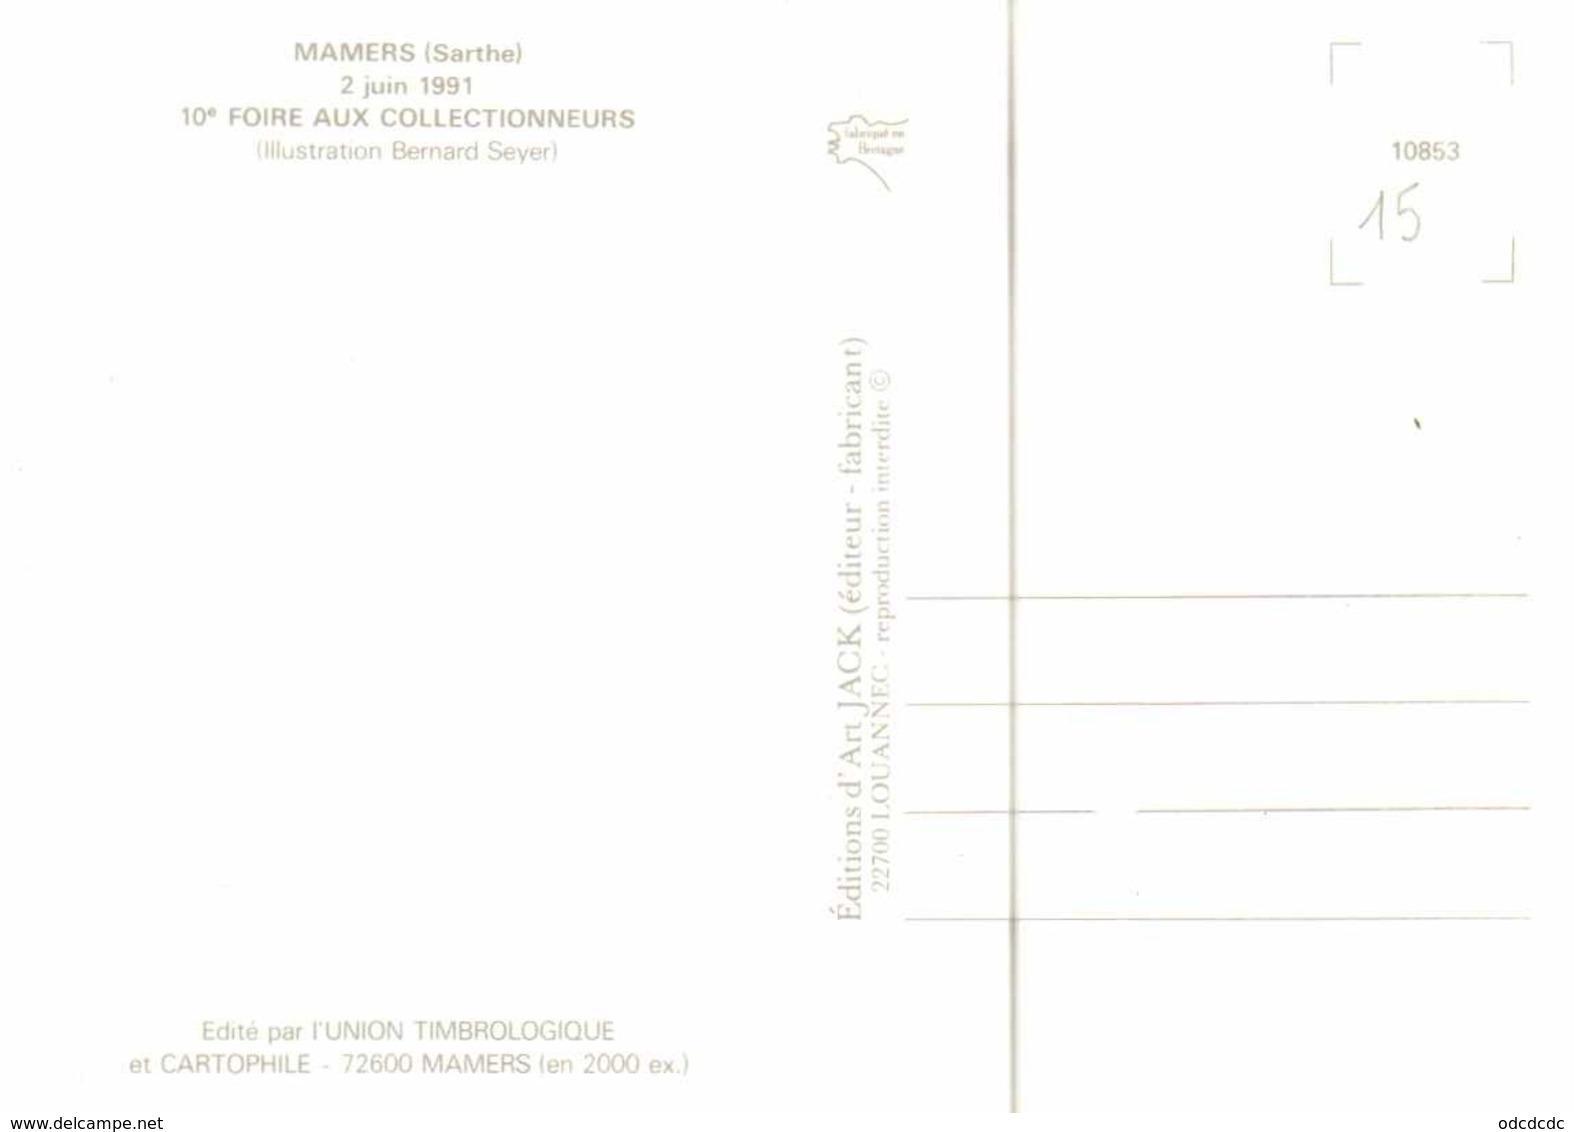 Bernard Seyer MAMERS (Sarthe) 2 Juin 1991 10e FOIRE AUX COLLECTIONNEURS COCHON  CLOWN  RV - Collector Fairs & Bourses